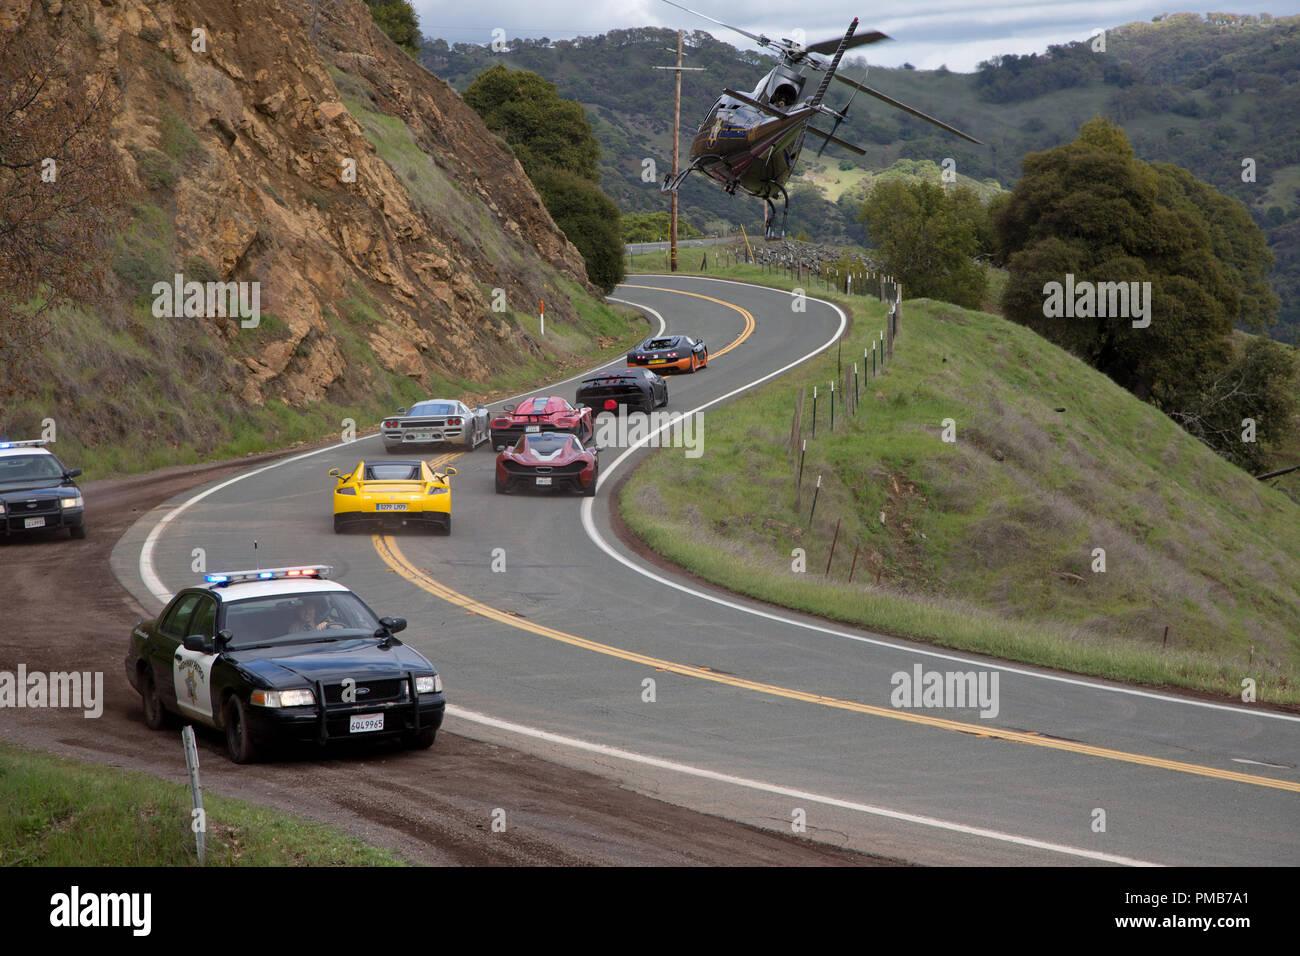 """In DreamWorks Pictures' 'bisogno di velocità,' il De Leon gara europea funzioni supercars, che includono: una svedese Koenigsegg Agera R, una Lamborghini sesto elemento, un Spano GTA, una Bugatti Veyron e McLaren P-1, tutti dei quali sono stati presentati in video giochi e una Saleen S7. Tutte e sei le supercars aveva un GM LS3 motore, potenza 430 425-libbre di piede di coppia e pesato vicino a 3.200 libbre. In un emozionante ritorno alla grande cultura auto film degli anni sessanta e ''70s che tocca in che cosa rende il mito americano della strada aperta così attraenti, """"Bisogno di velocità"""" cronache un quasi impossibile cross-country r Immagini Stock"""